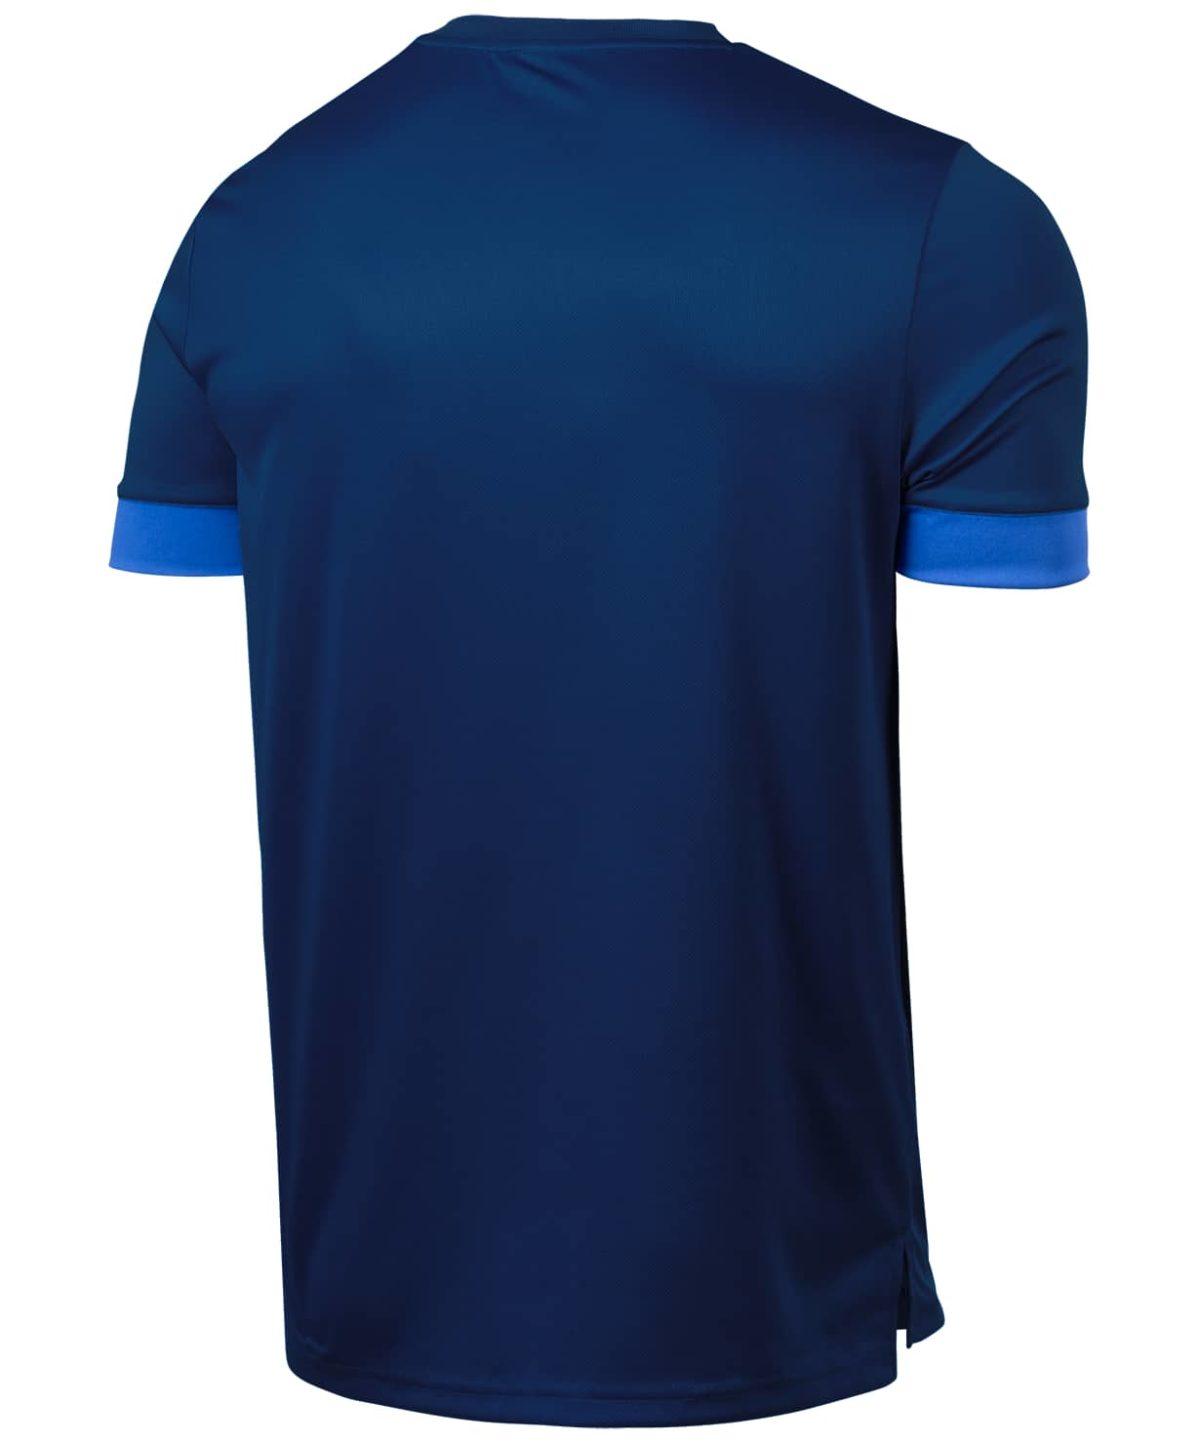 JOGEL DIVISION футболка футбольная детская  Union Jersey: т.синий/синий/белый - 2